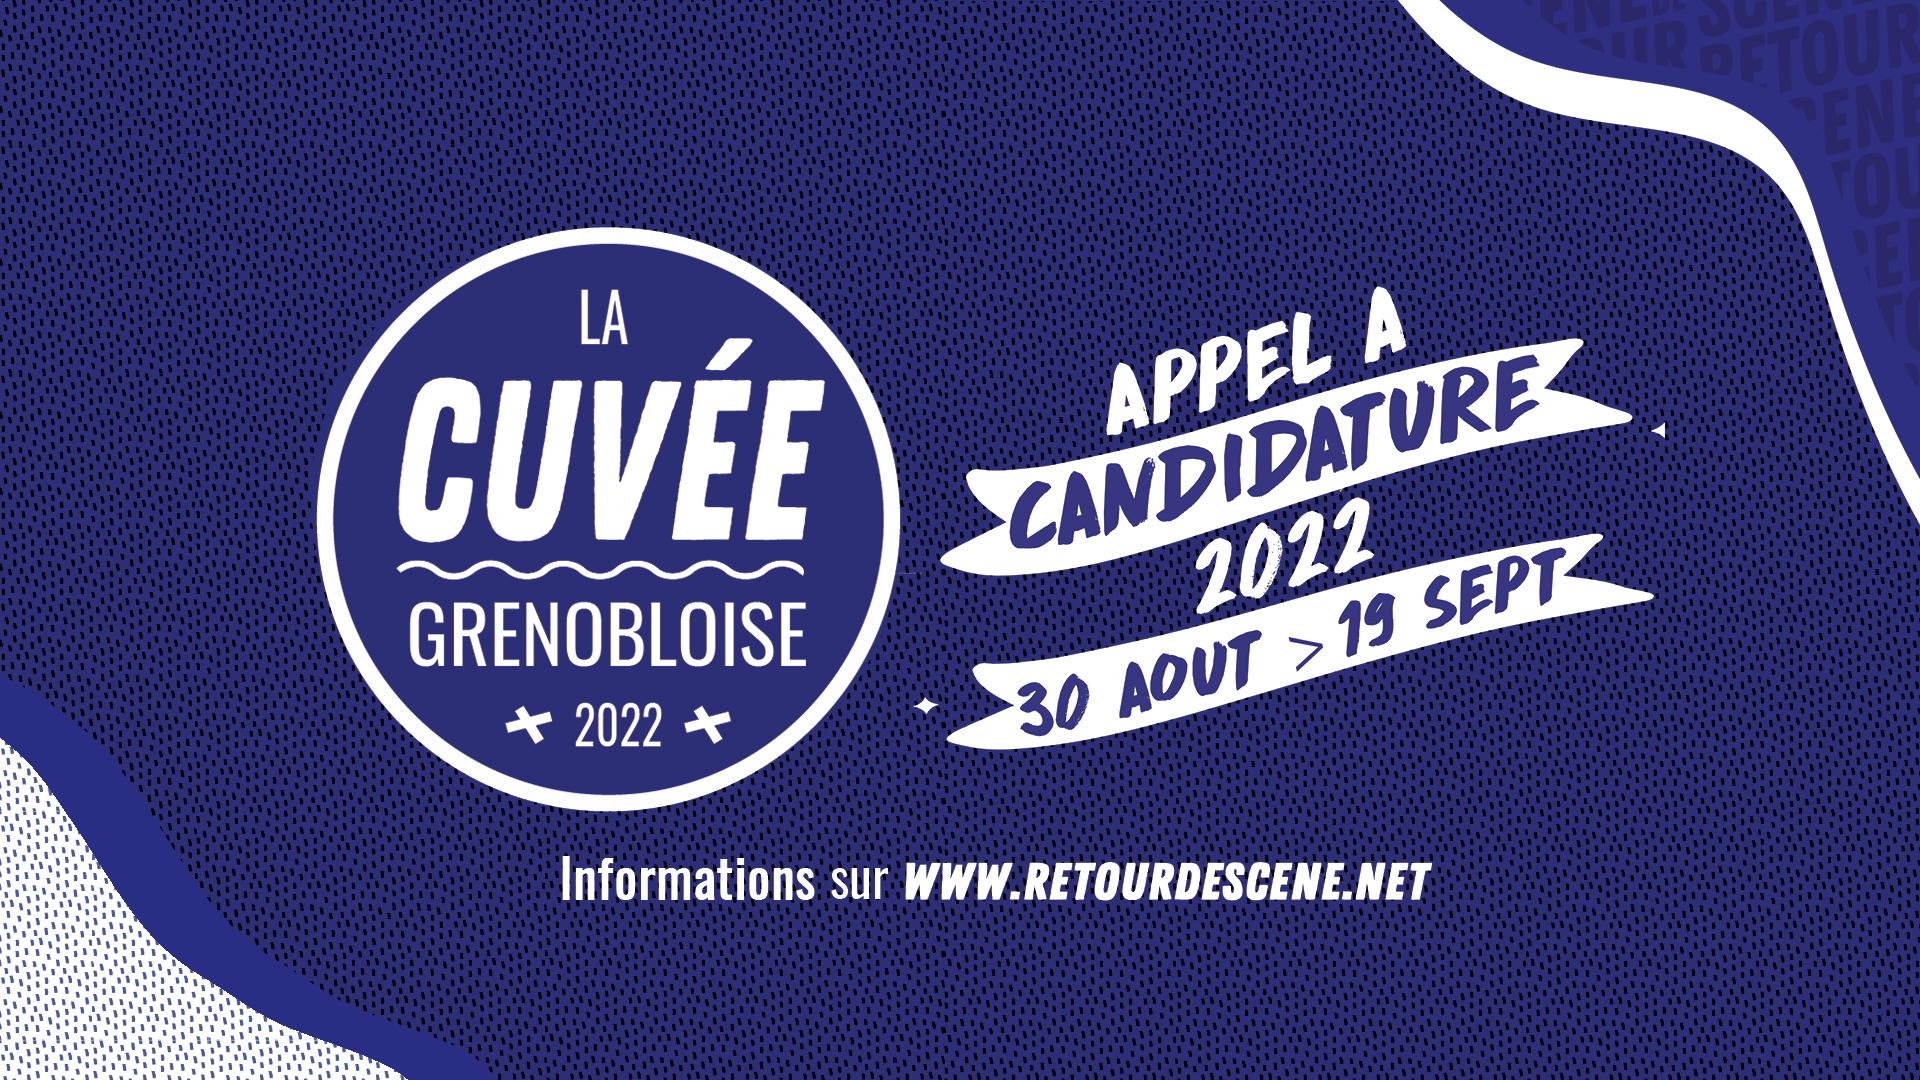 Cuvée Grenobloise 2022